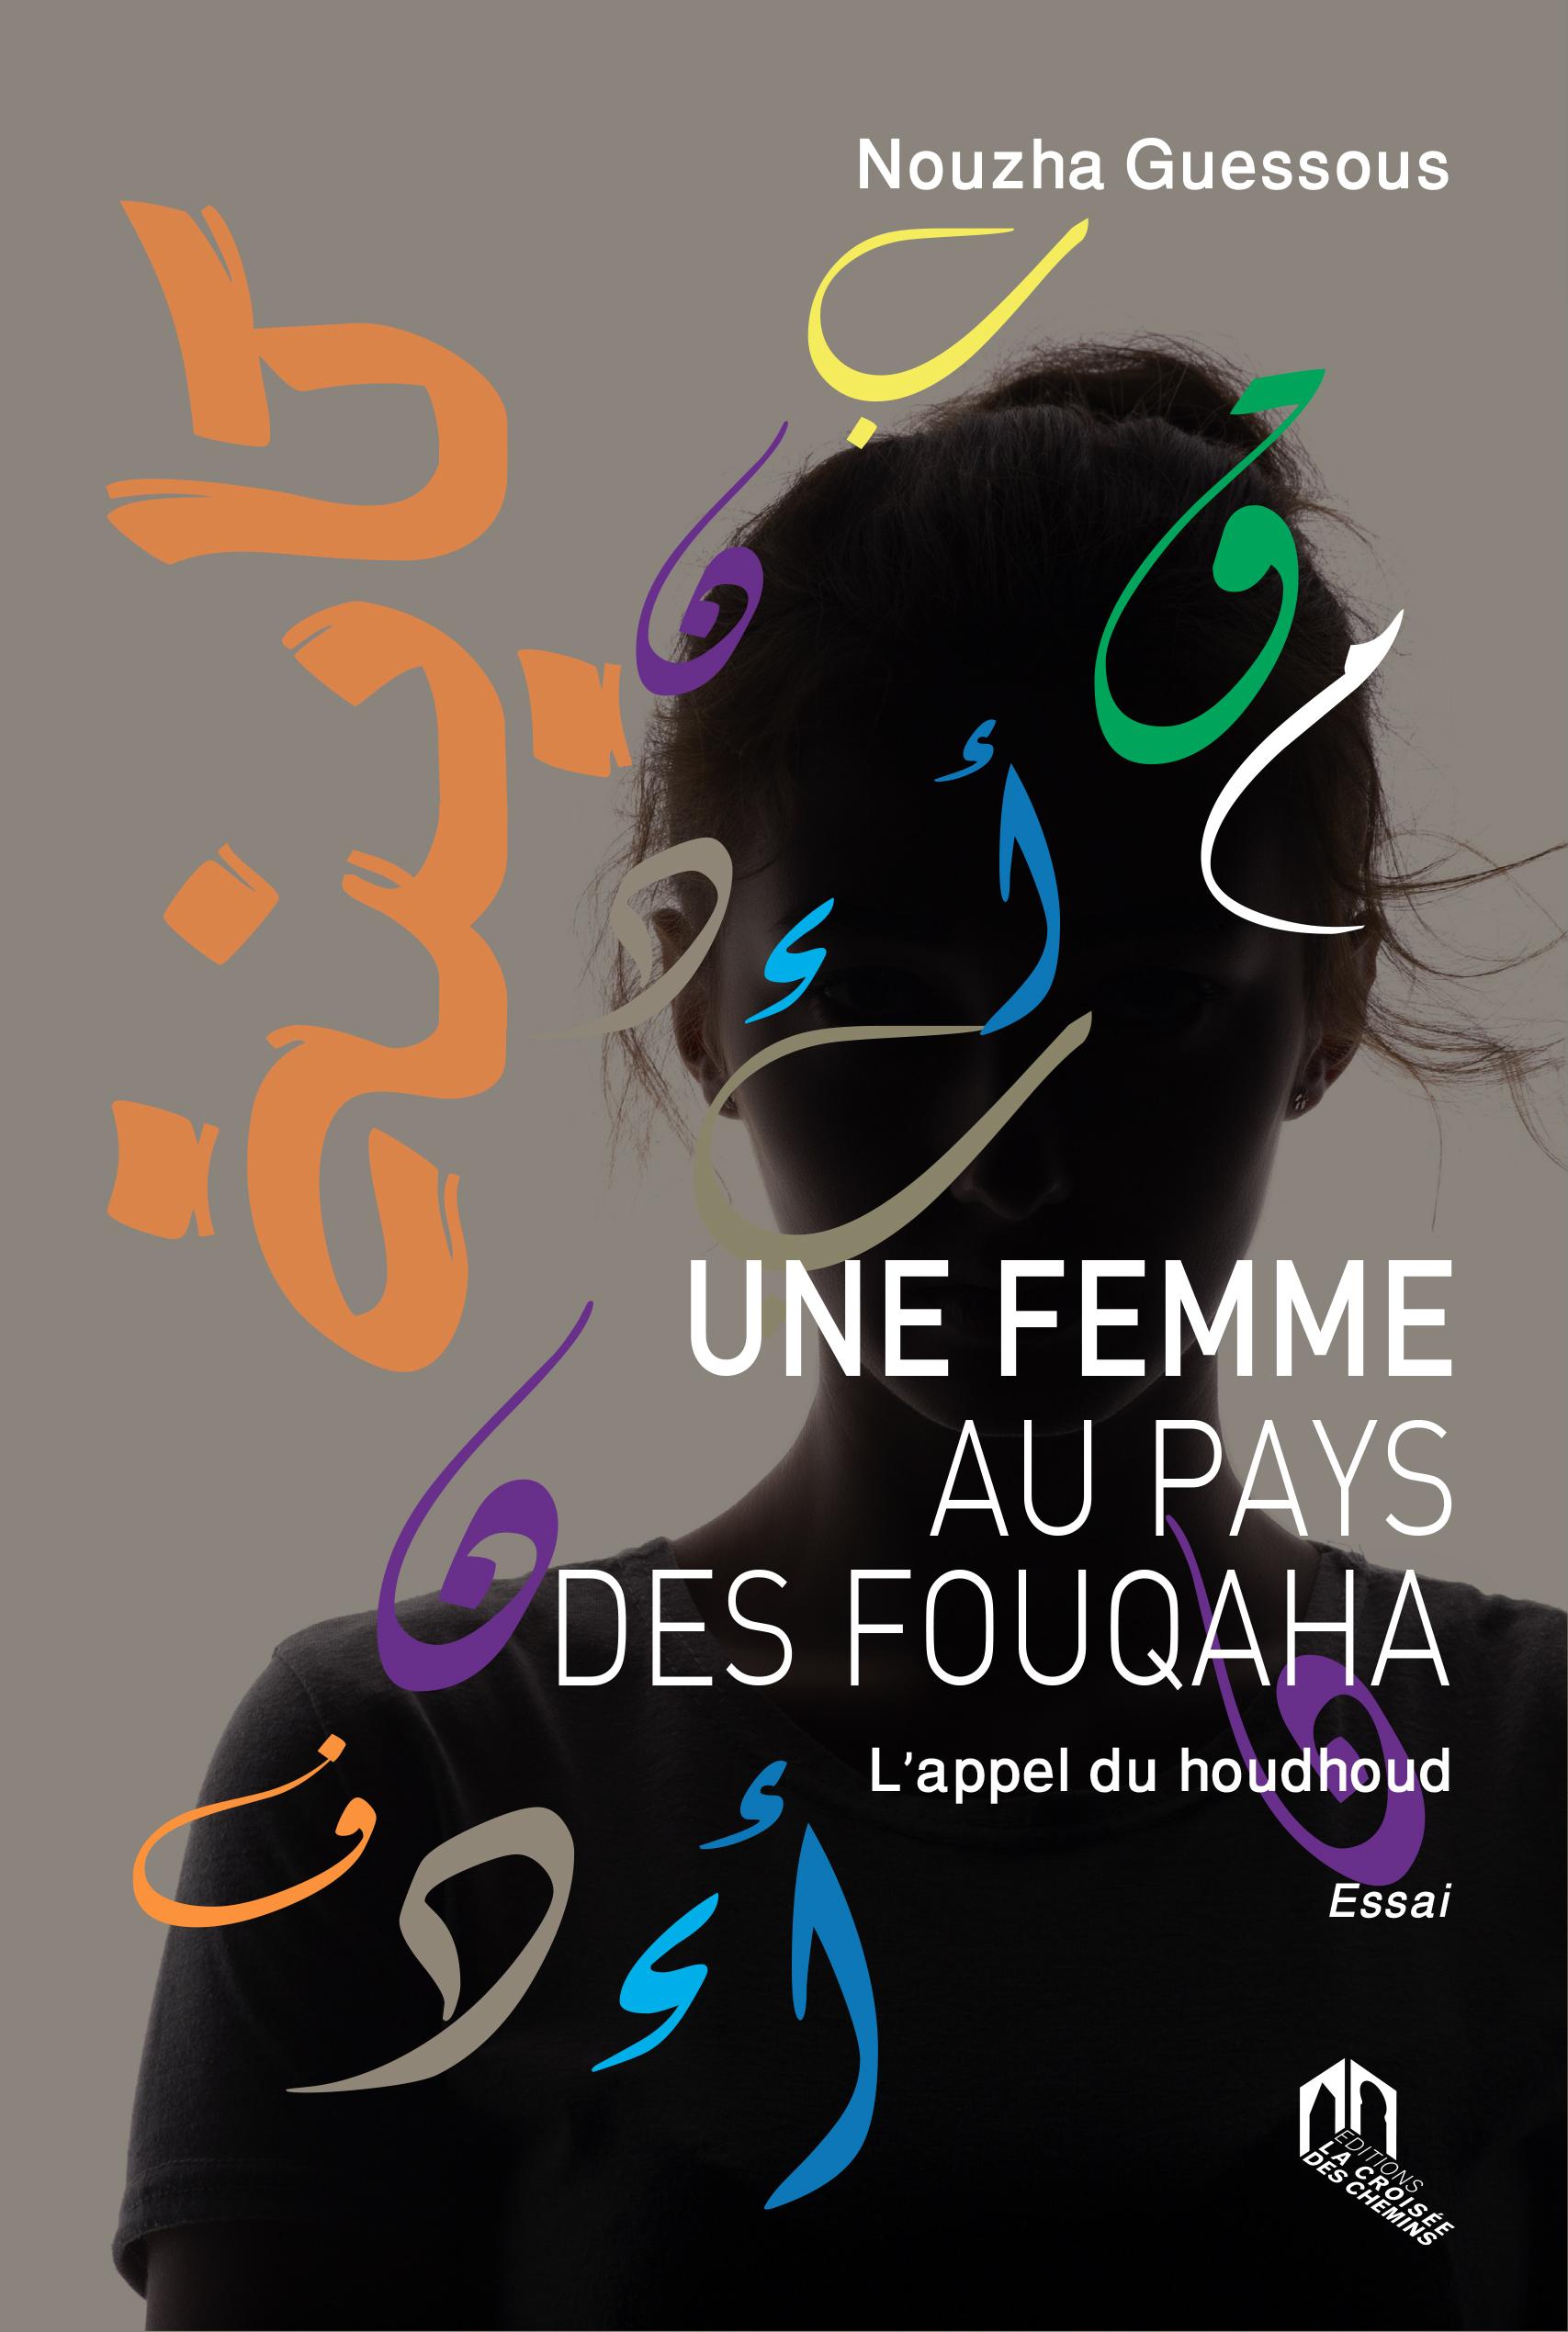 UNE FEMME AU PAYS DES FOUQAHA L'APPEL DU HOUDHOUD